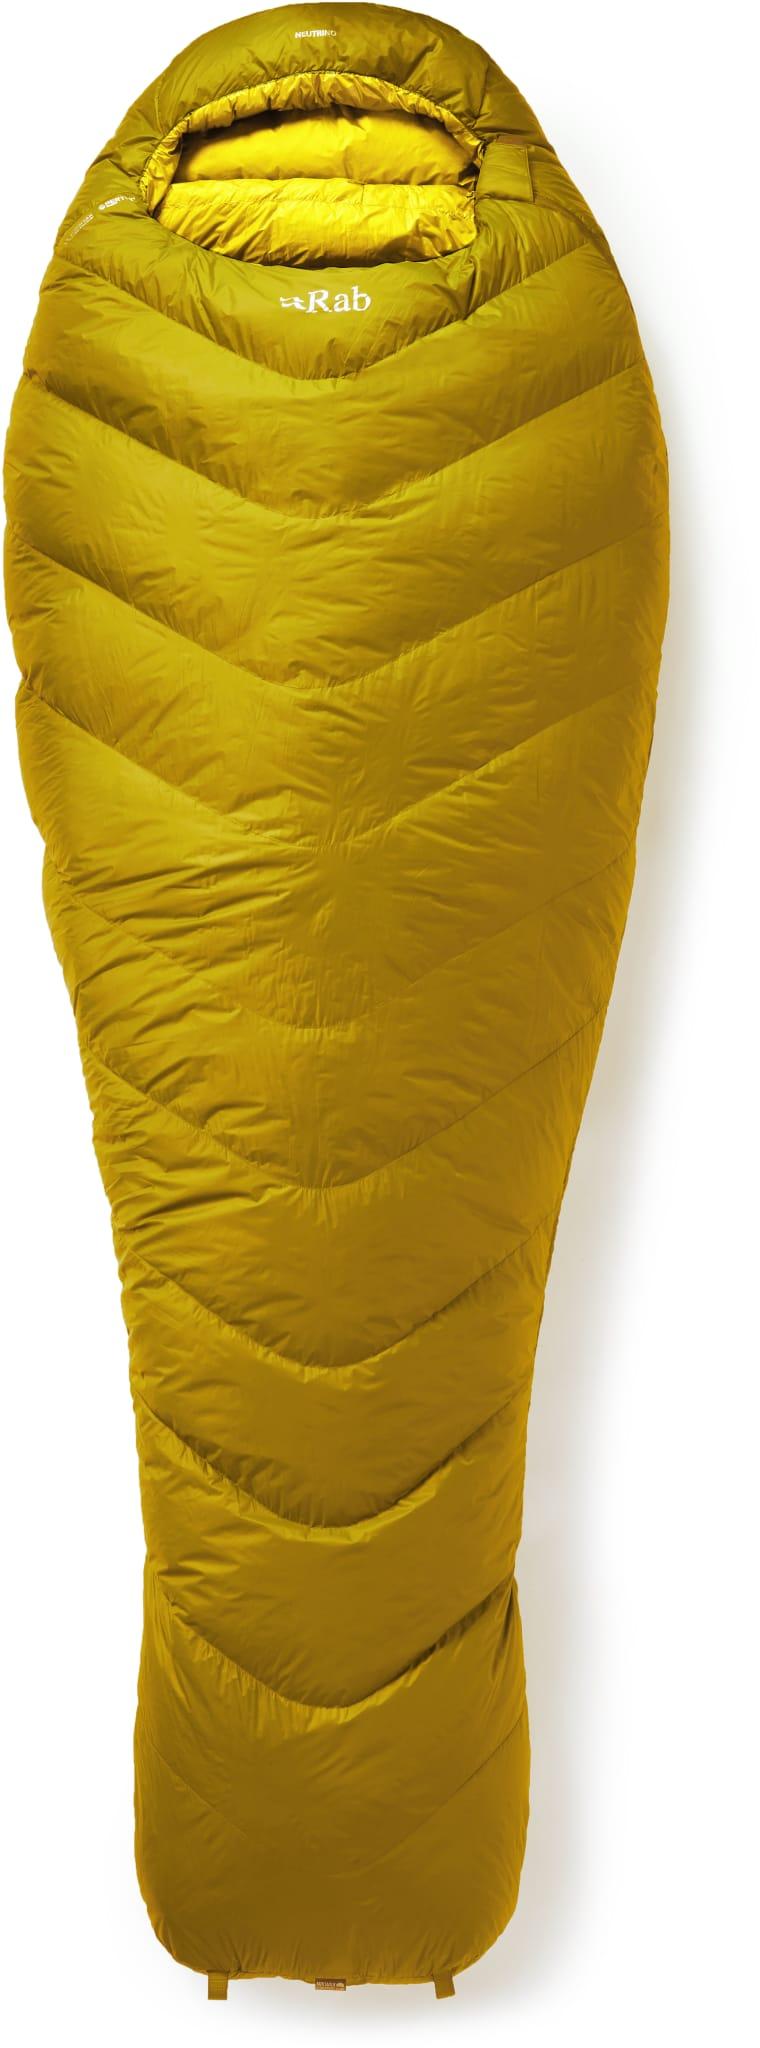 Svært lett vintersovepose til den kresne